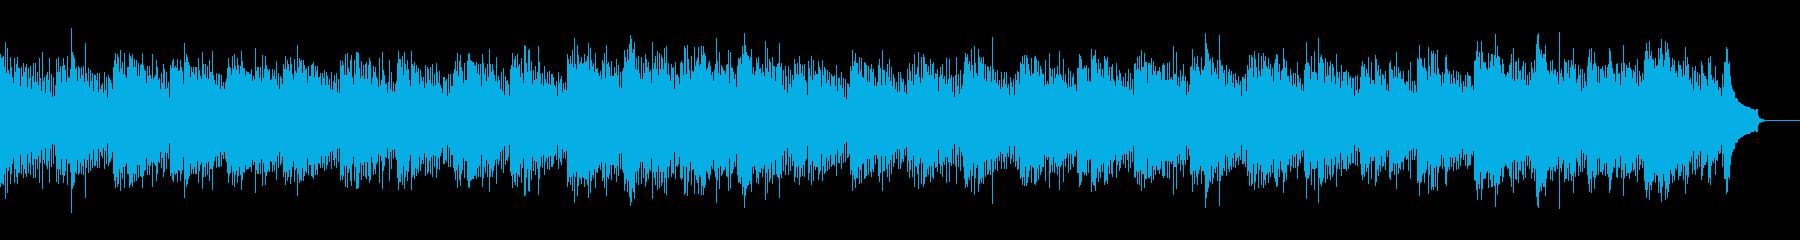 ドラム無し企業VPしっとりした雰囲気の曲の再生済みの波形